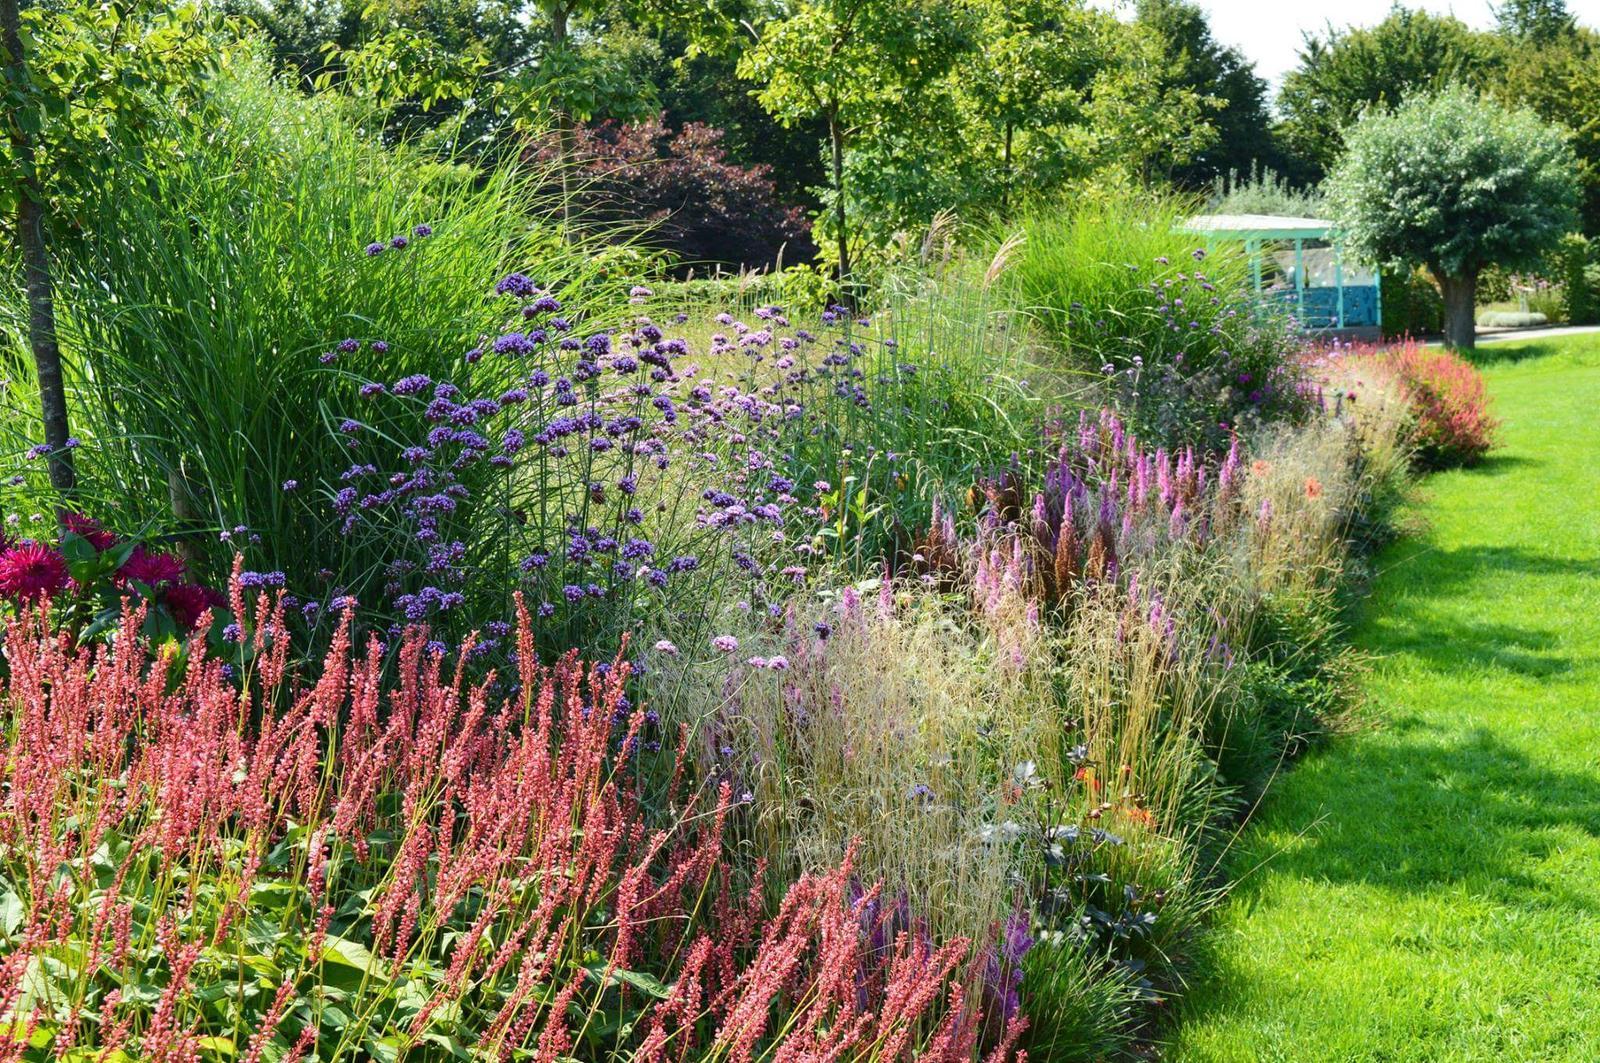 Zahrada - inspirace - moc hezká kombinace trvalek + letniček, resp. letničky - fialová vysoká kytka sporýš argentinský (Verbena bonariensis), dokáže se na místě udržet několik let samovýsevem .. a když ne na místě, tak aspoň na zahradě :-D